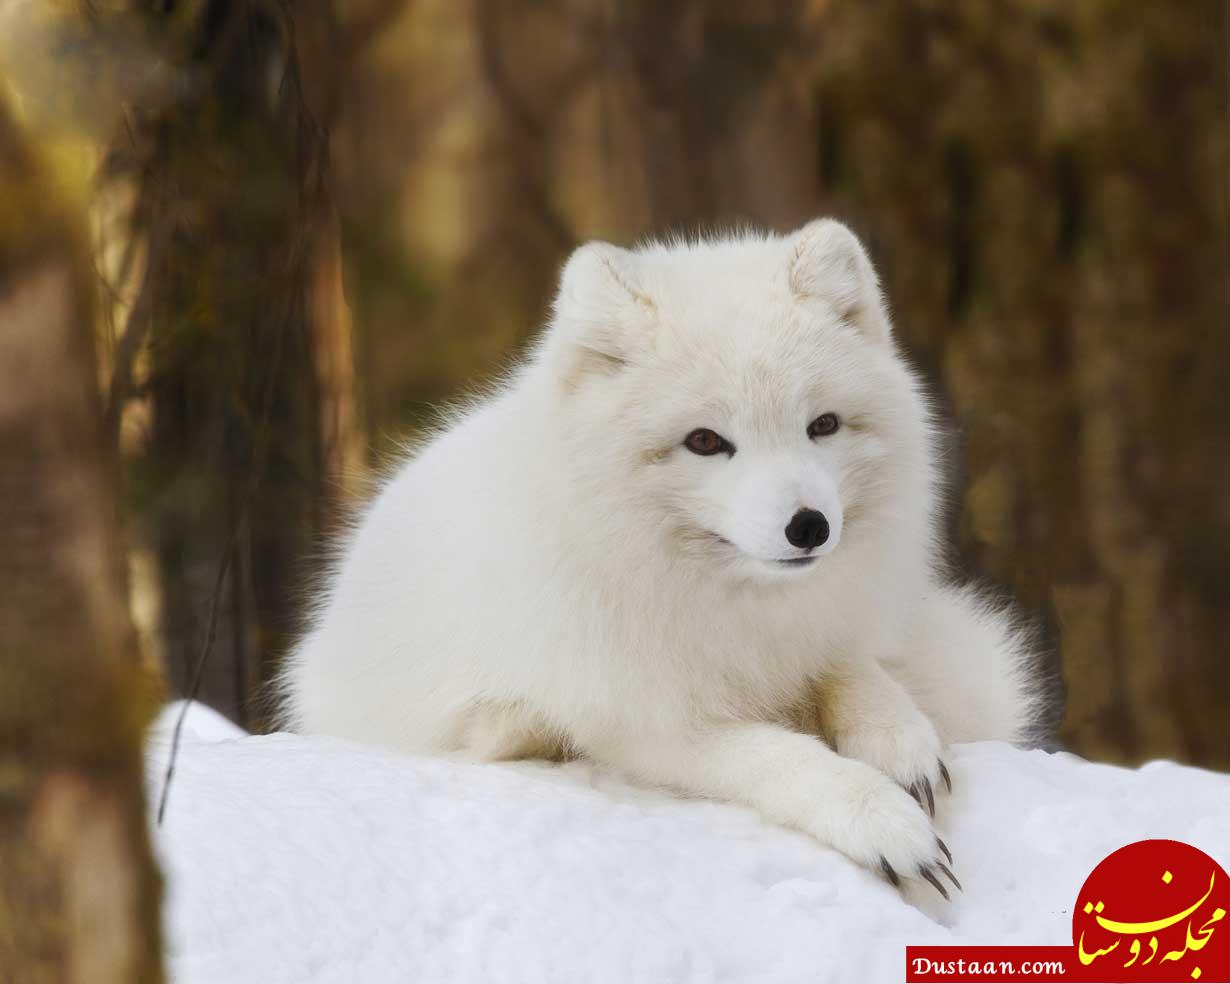 www.dustaan.com روش روباه های قطبی برای زندگی در دمای منفی 70 درجه! +عکس